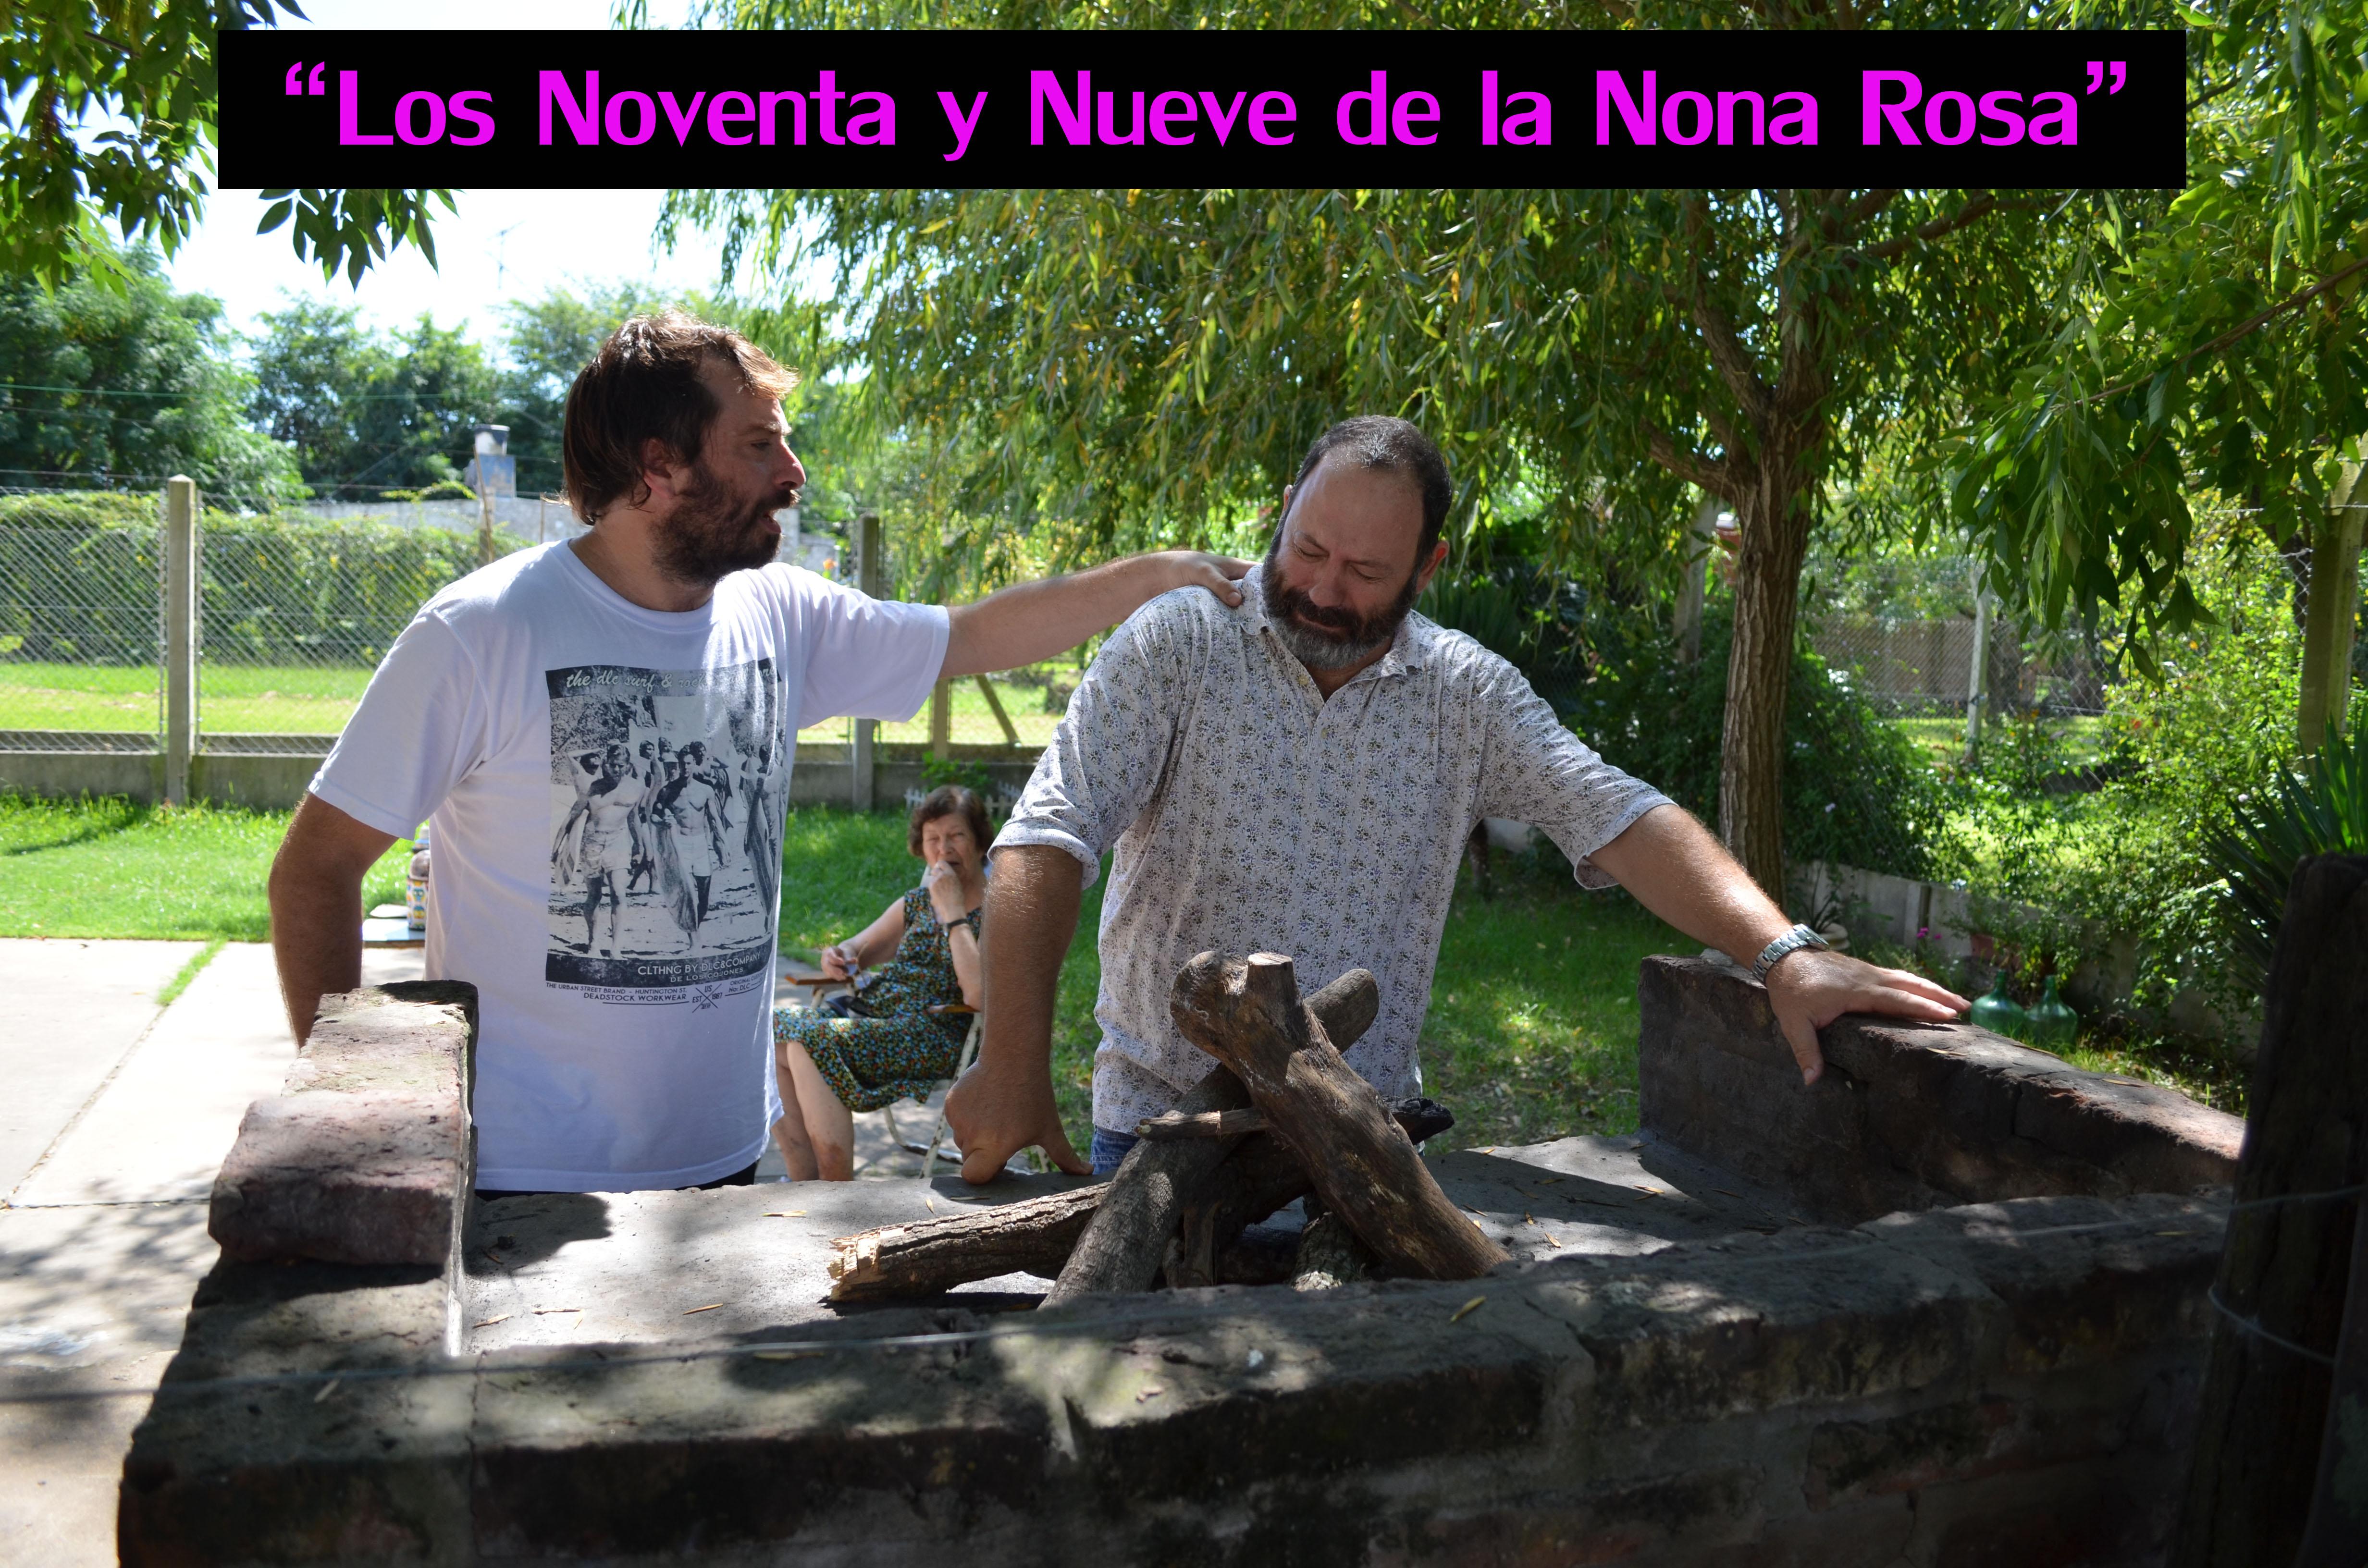 Los Noventa y Nueve de la Nona Rosa